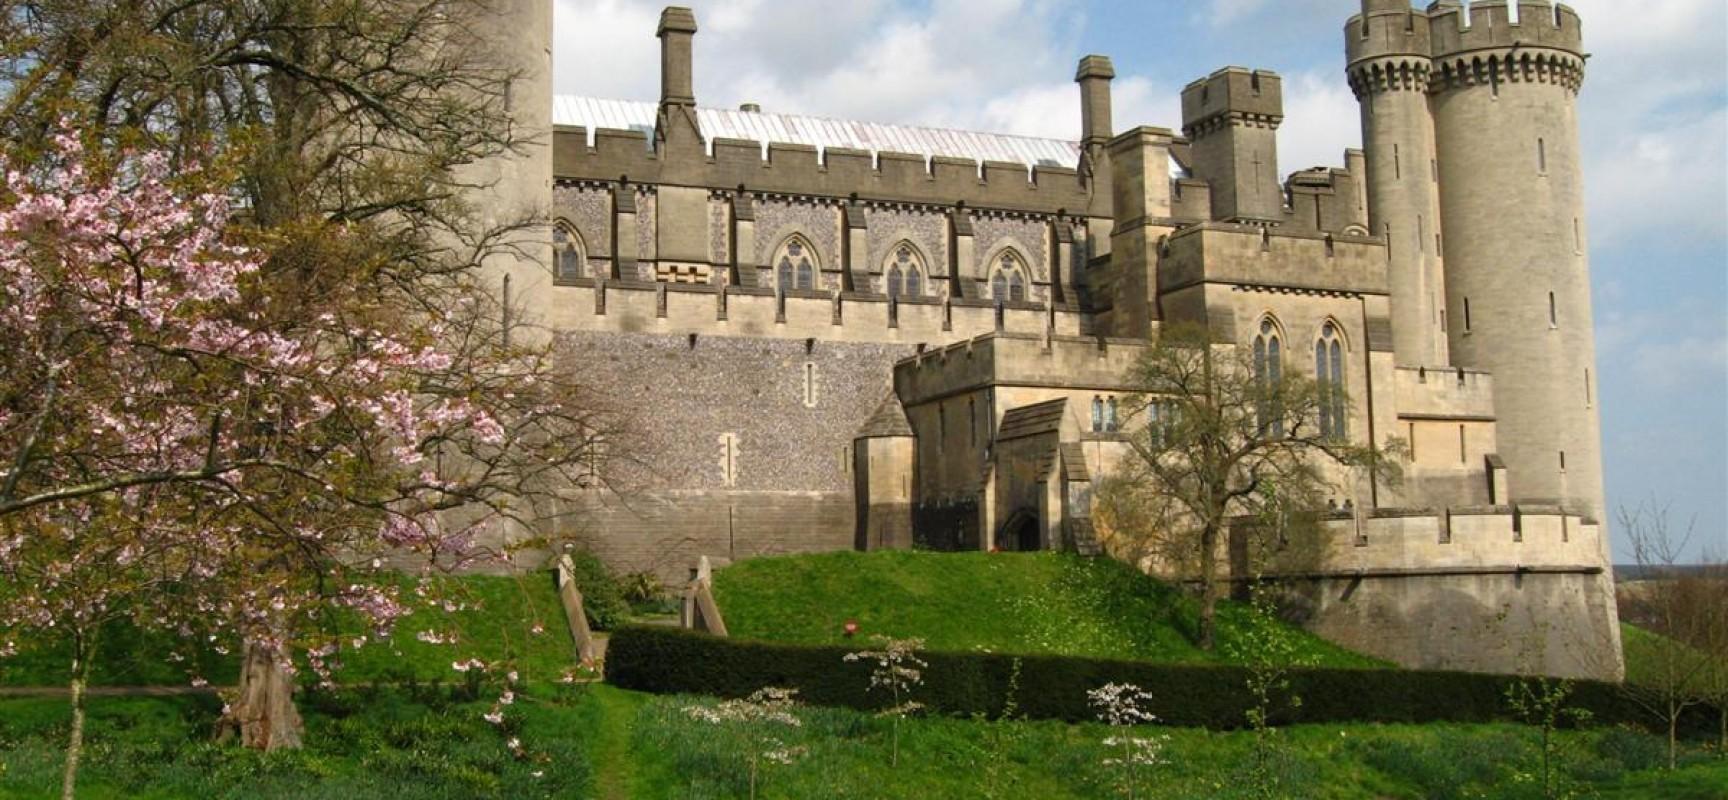 amberley-castle-1-1728x800_c